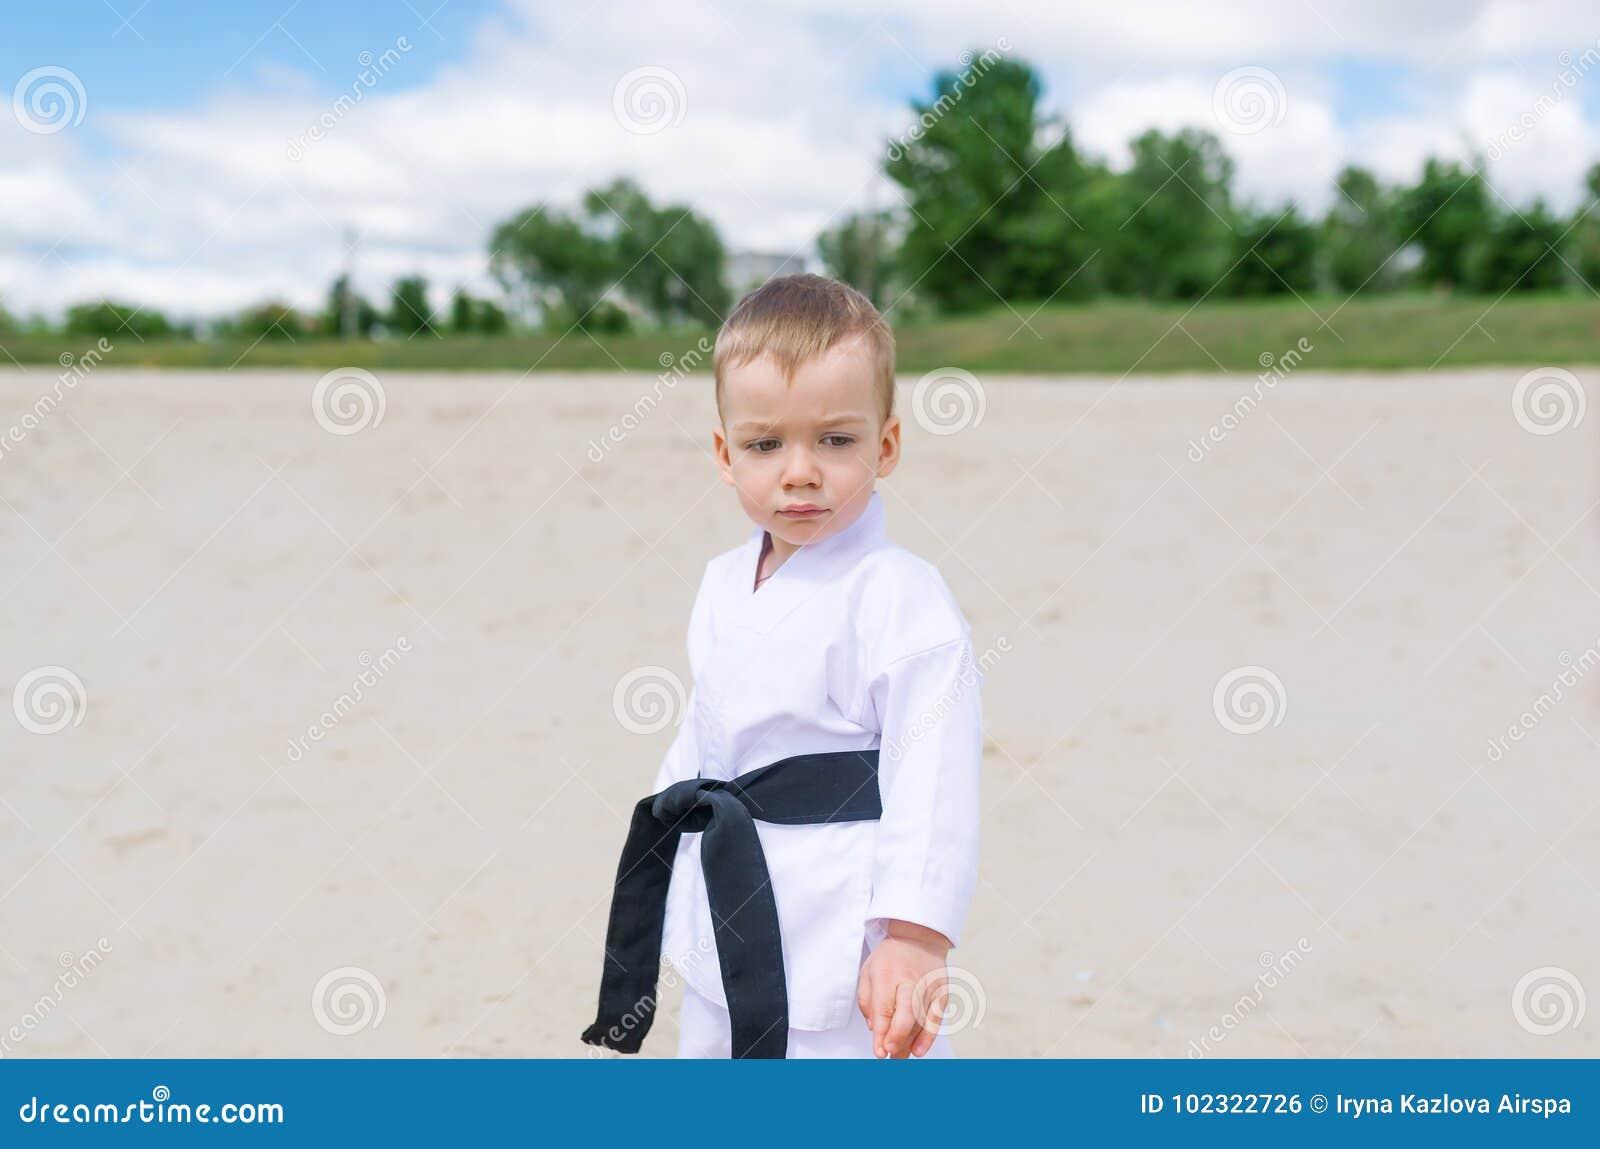 Karate kid - portrait of little boy in the kimono